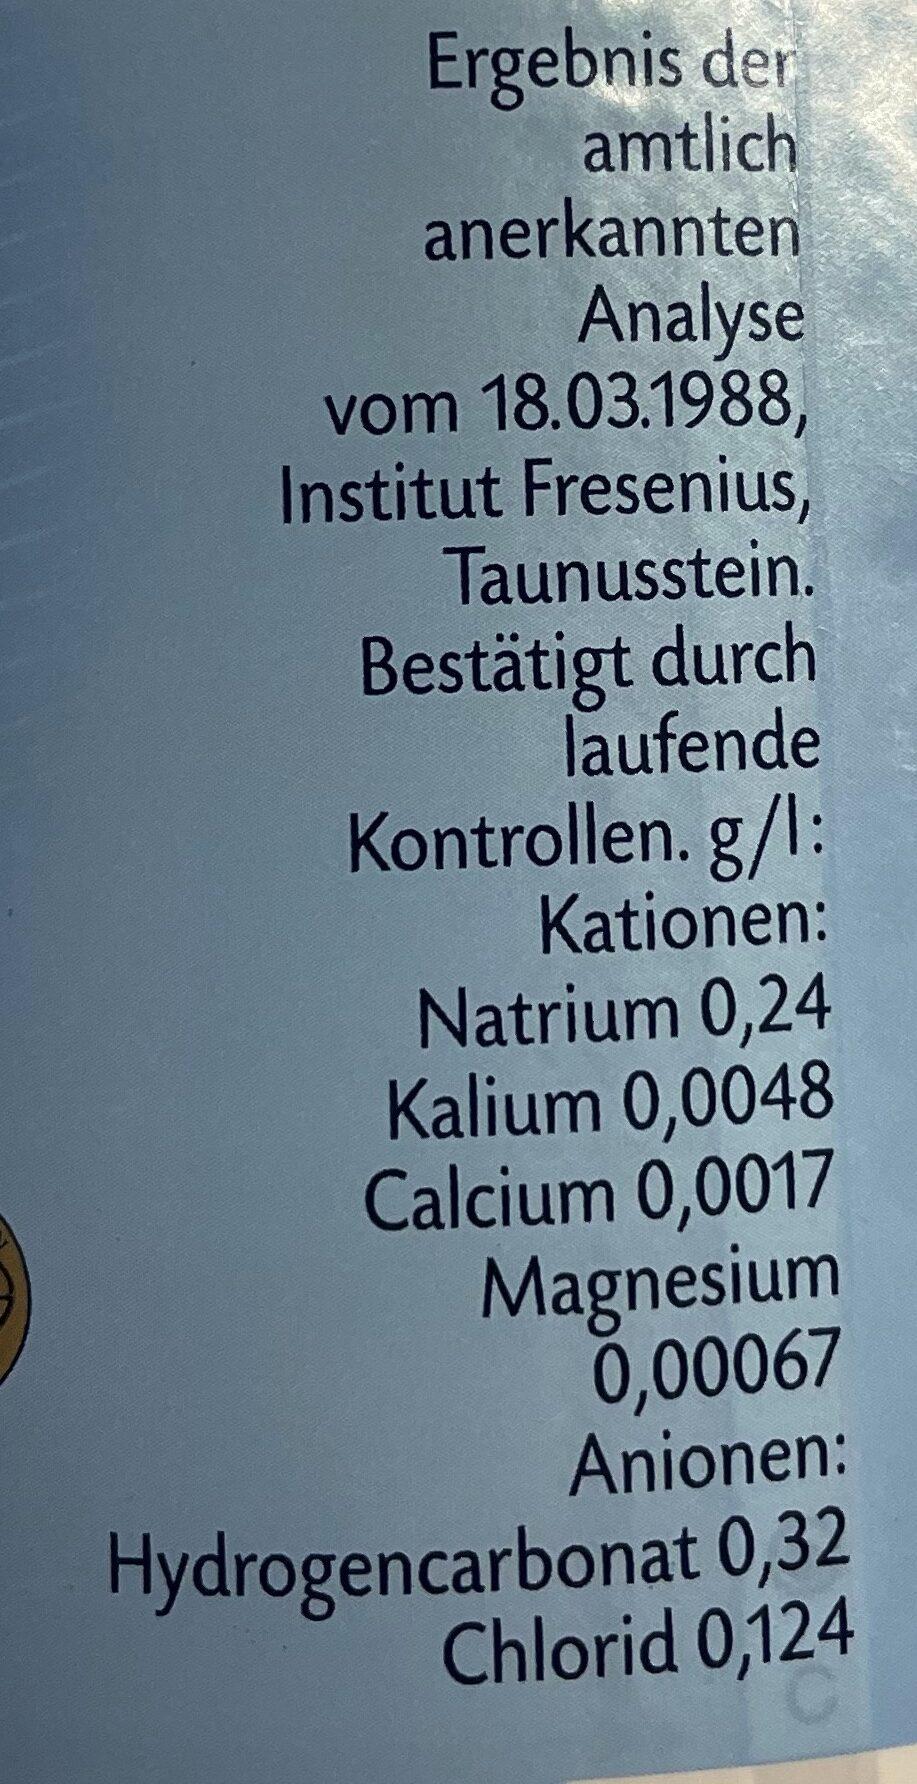 Klassik - Natürliches Mineralwasser - Nährwertangaben - de